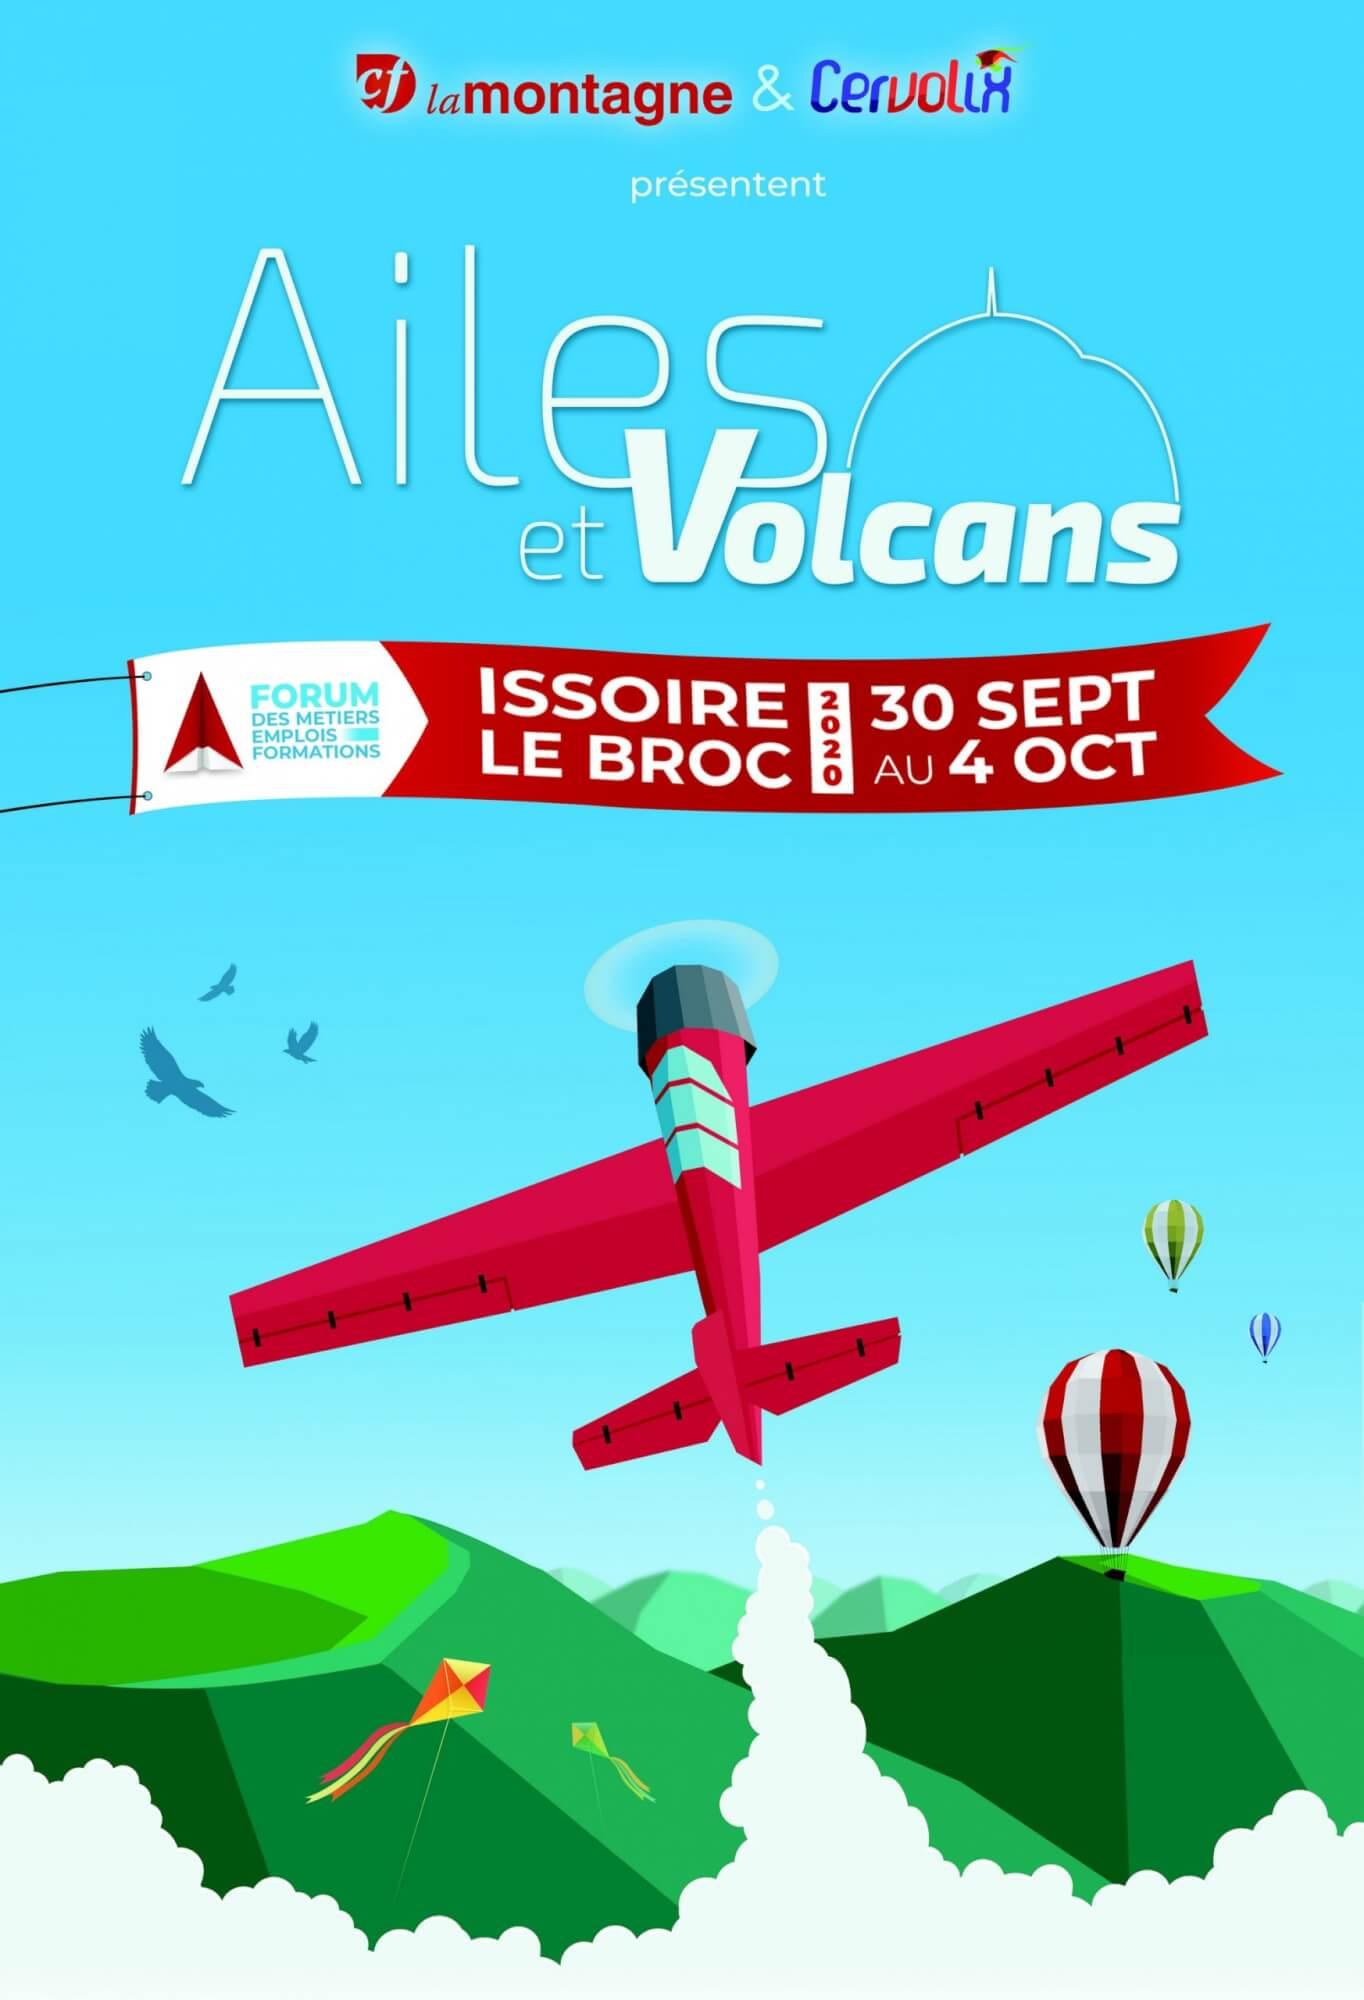 Ailes et Volcans Cervolix 2020 AACT Cervolix groupe Centre France LaMontagne forum Métiers Emplois Formations